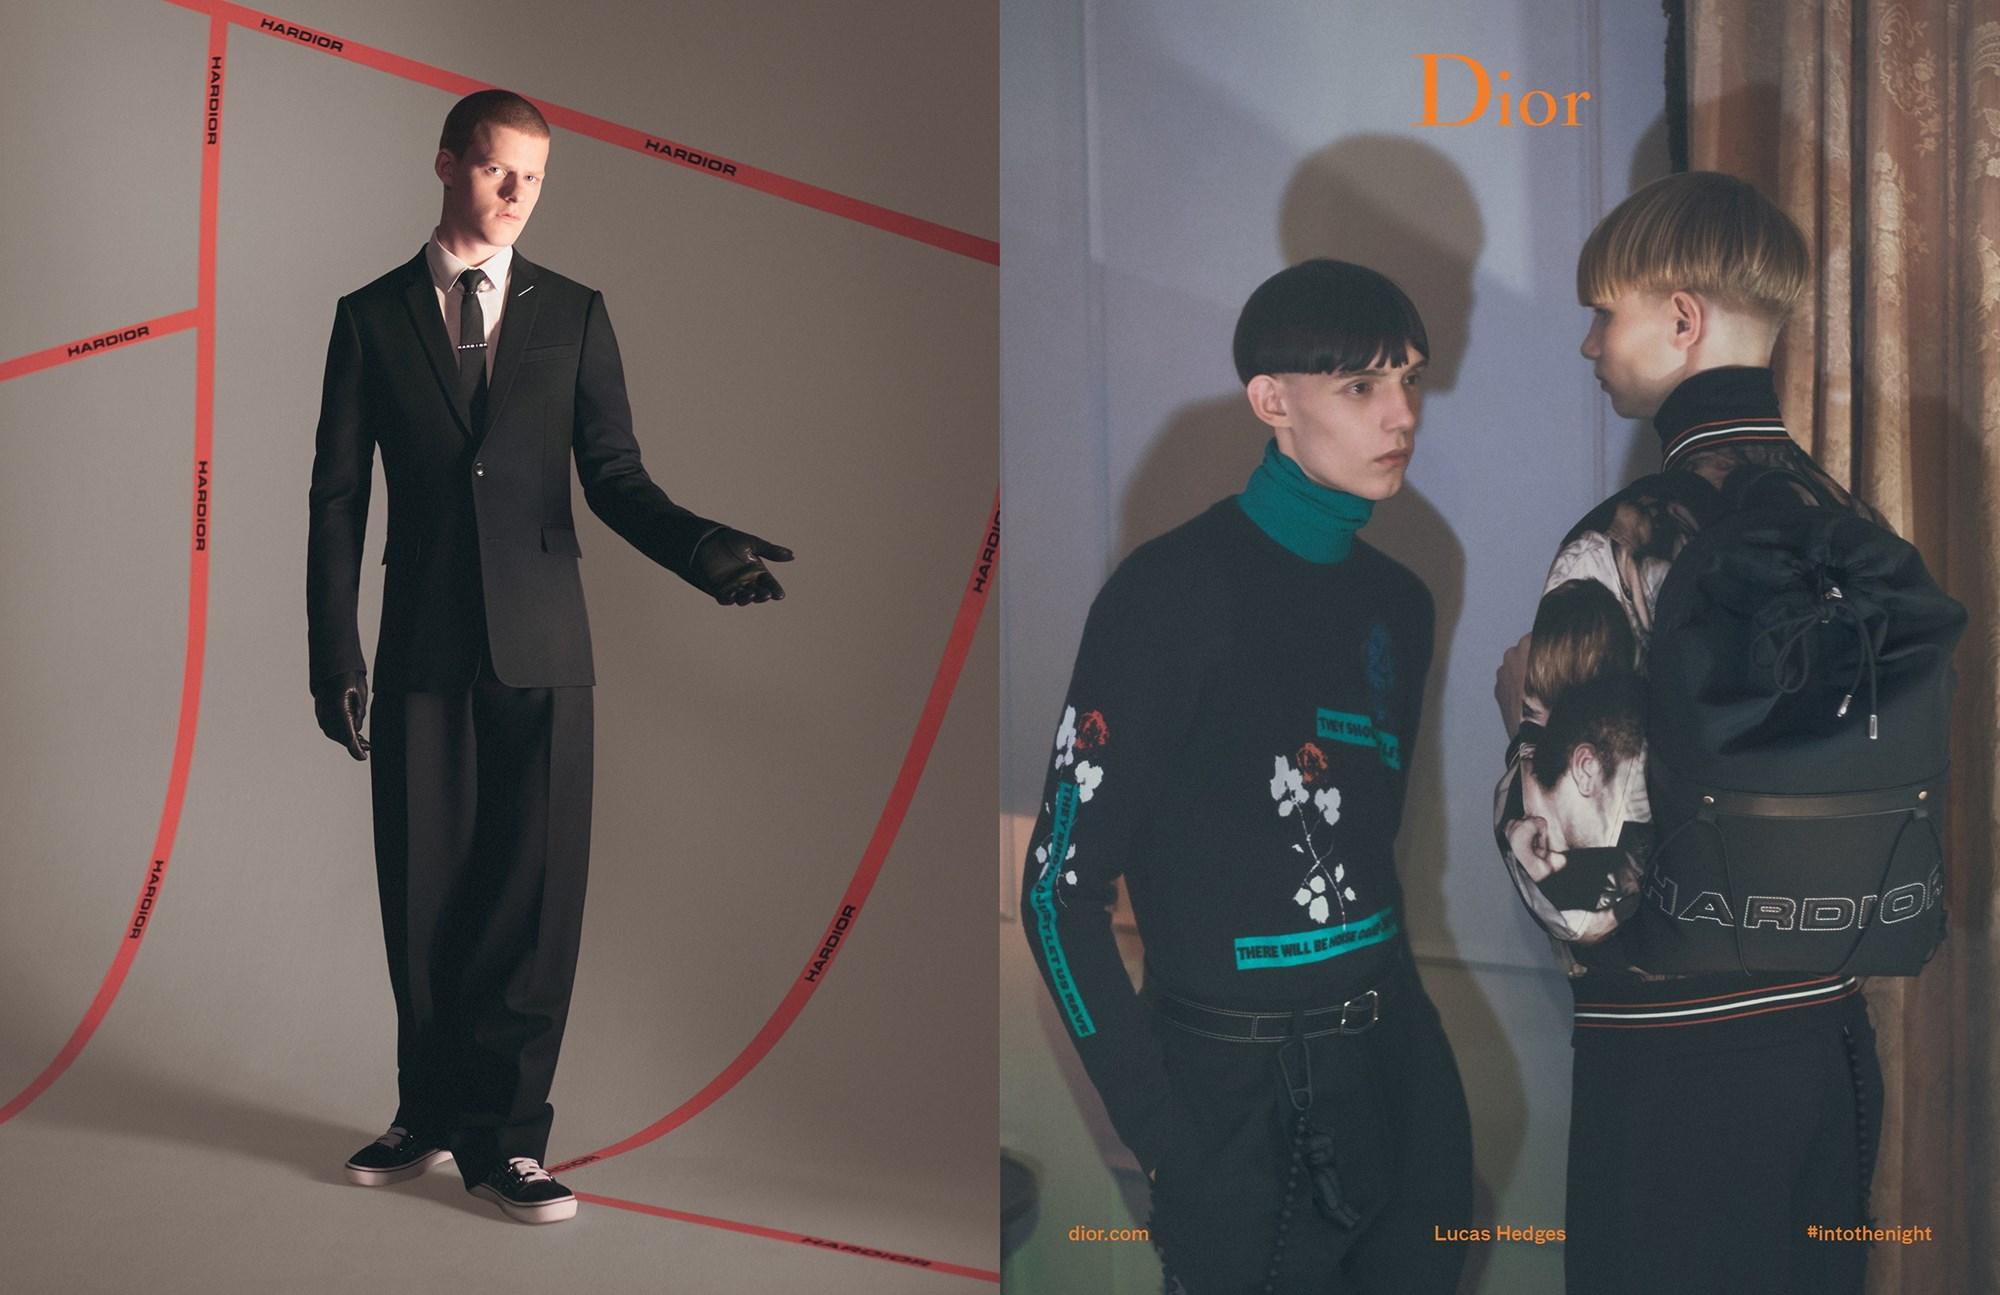 Fotografías cortesía de Dior